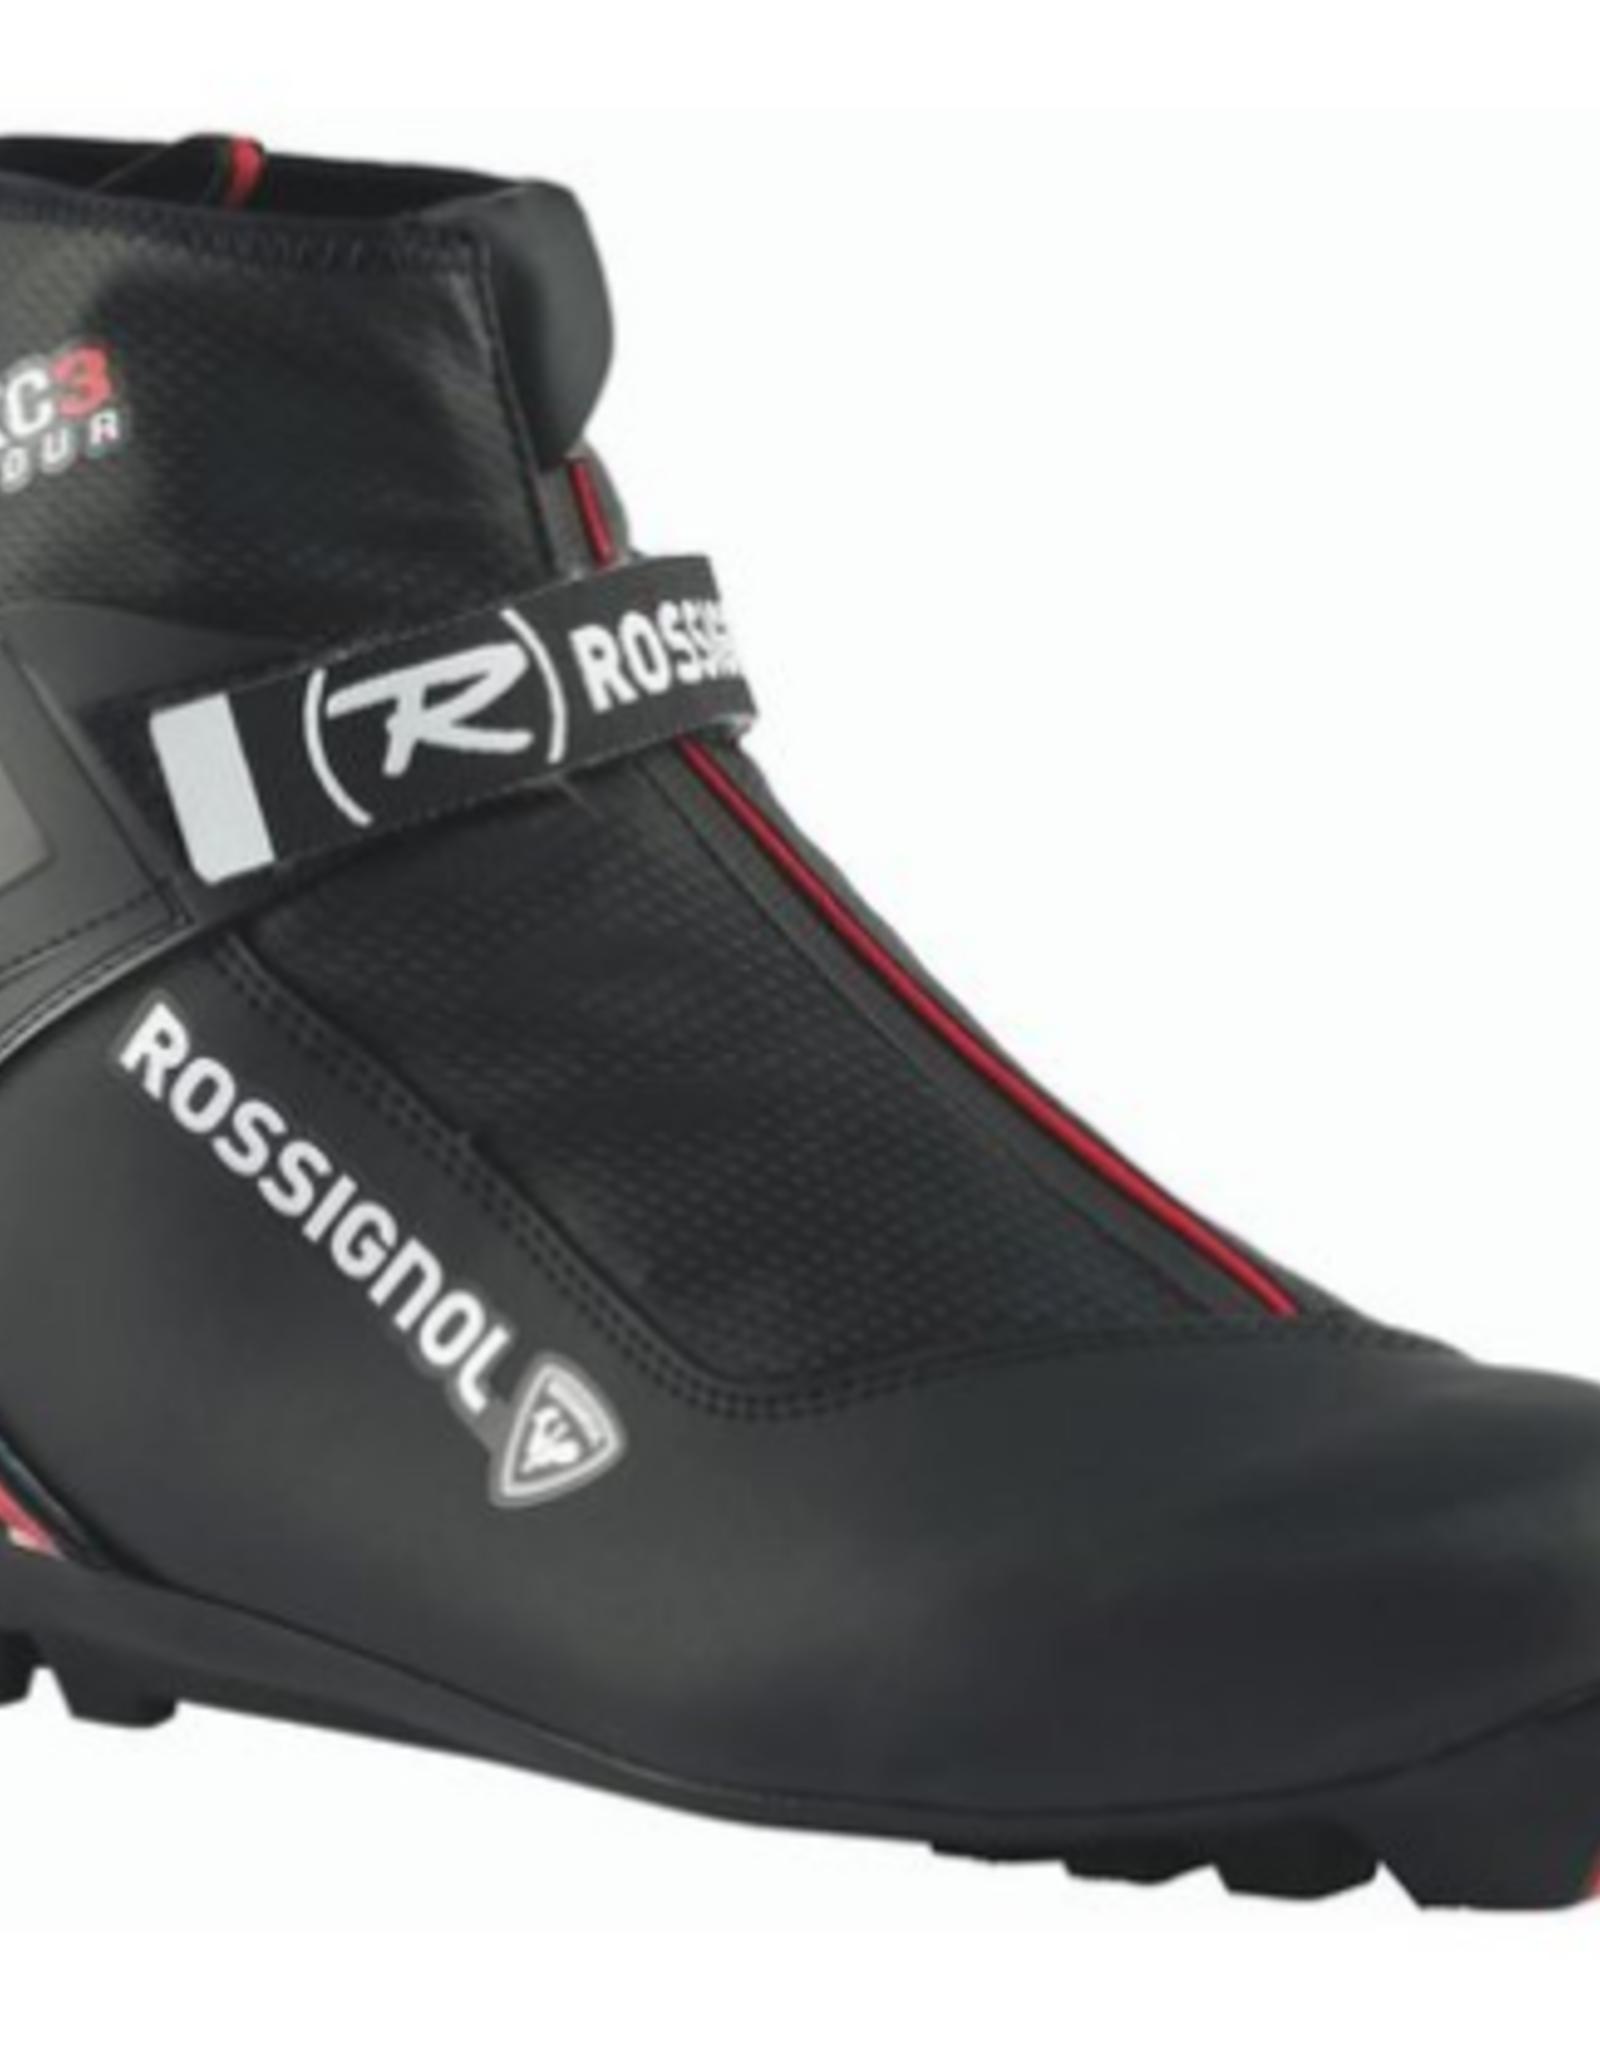 Rossignol Rossignol XC-3 (9US)